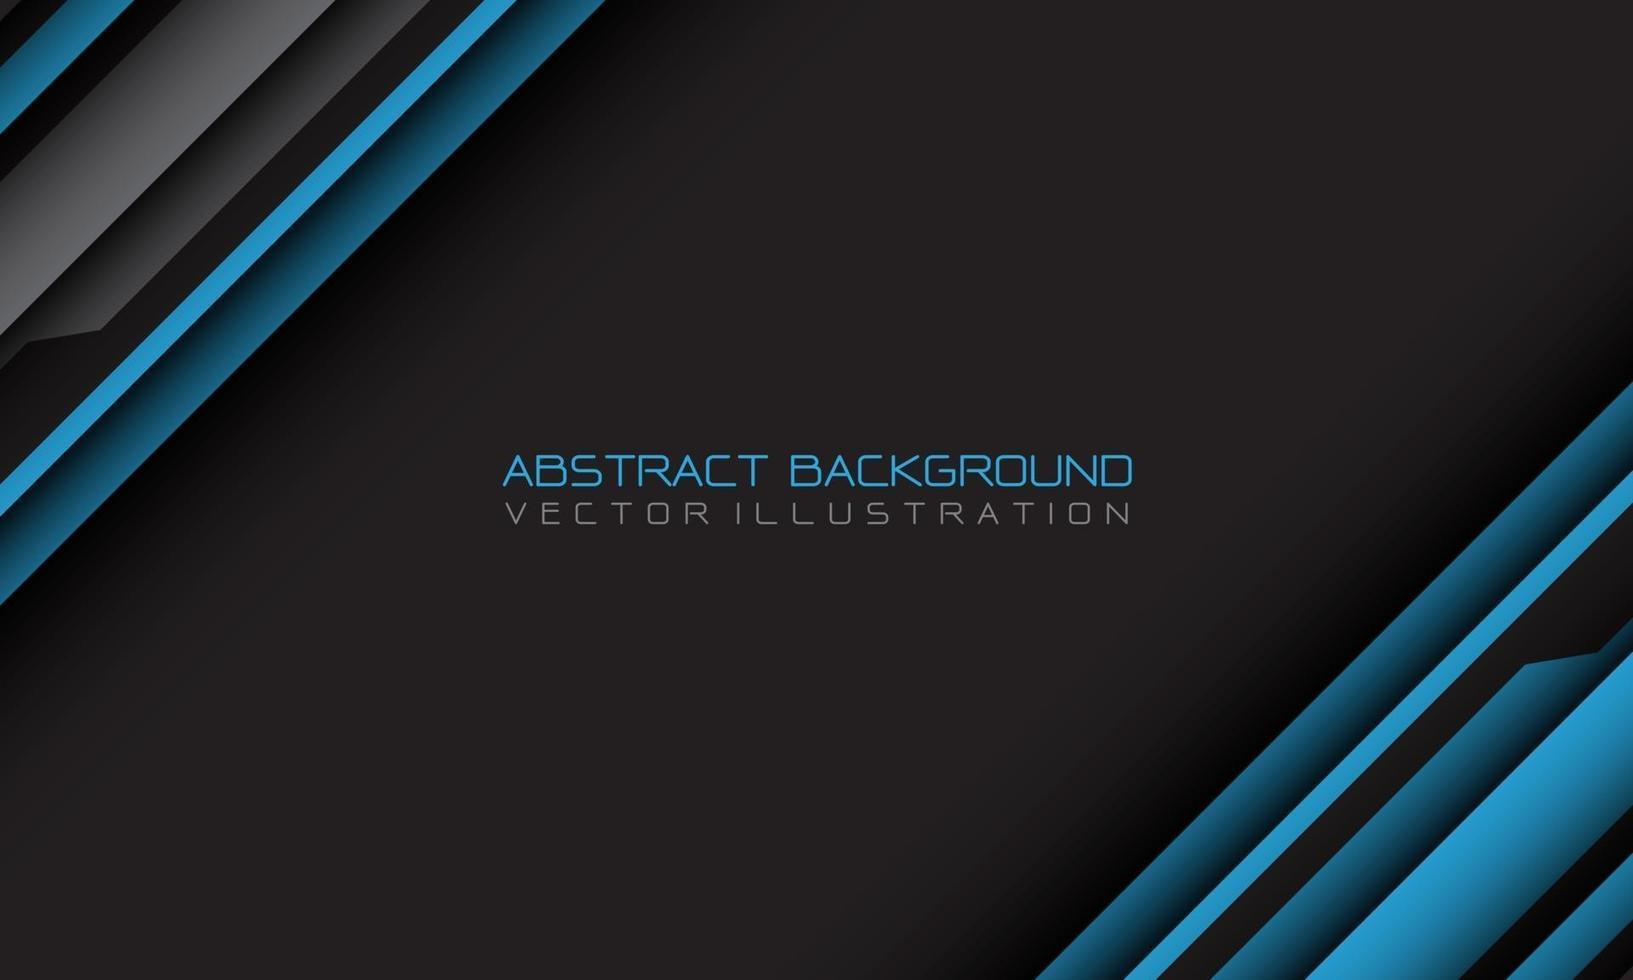 abstrato azul cinza cyber barra geométrica com espaço em branco e design de texto ilustração vetorial de fundo futurista moderno. vetor